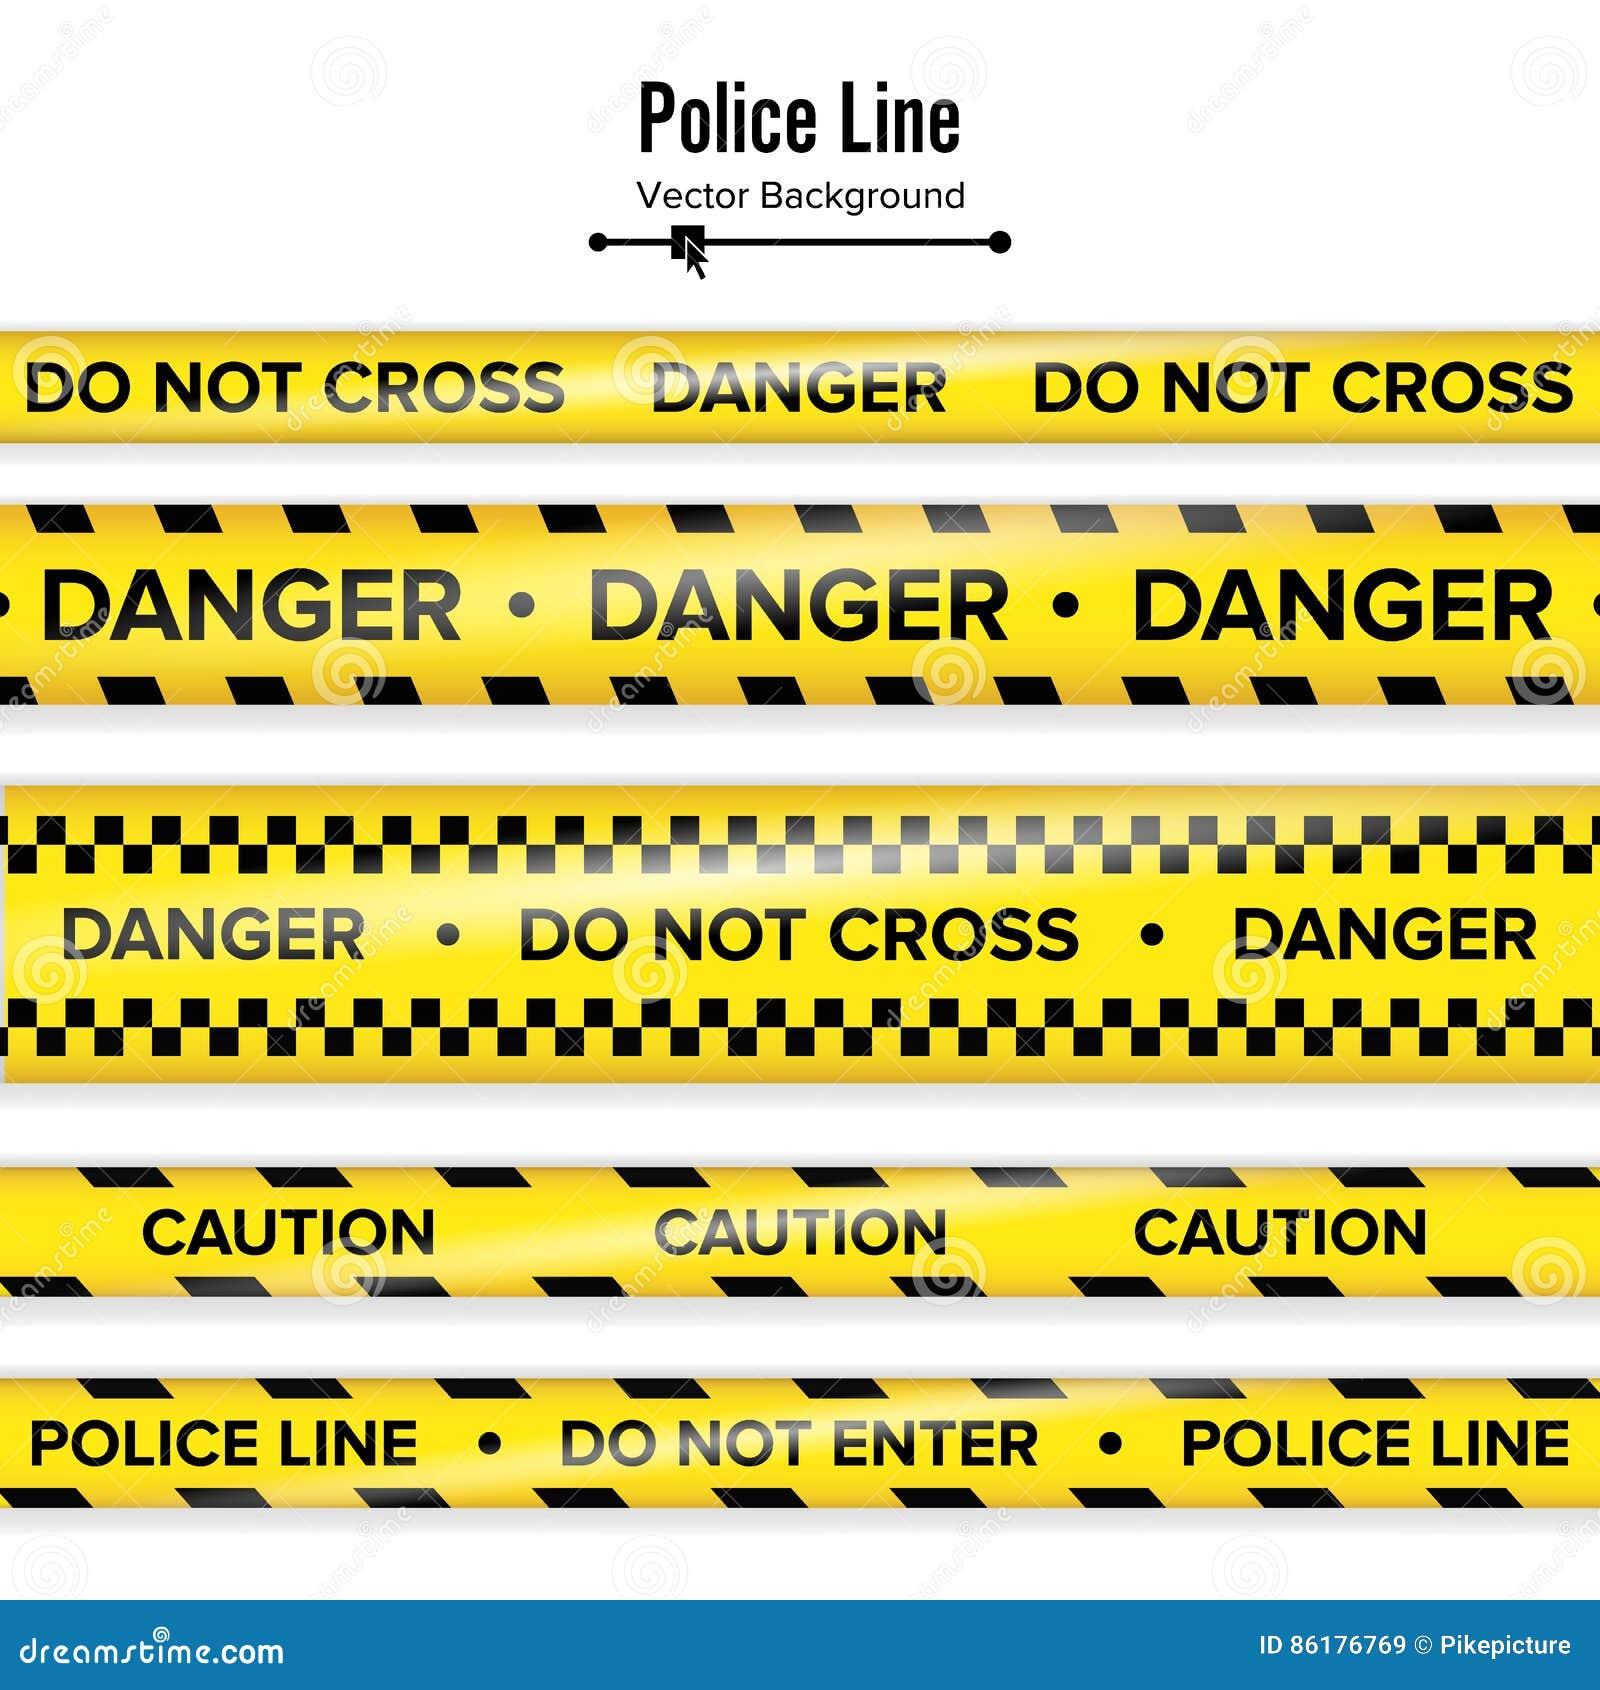 Желтый цвет с черной линией полиции Не пересеките, опасность, предосторежение Ленты карантина безопасностью опасности Изолировано